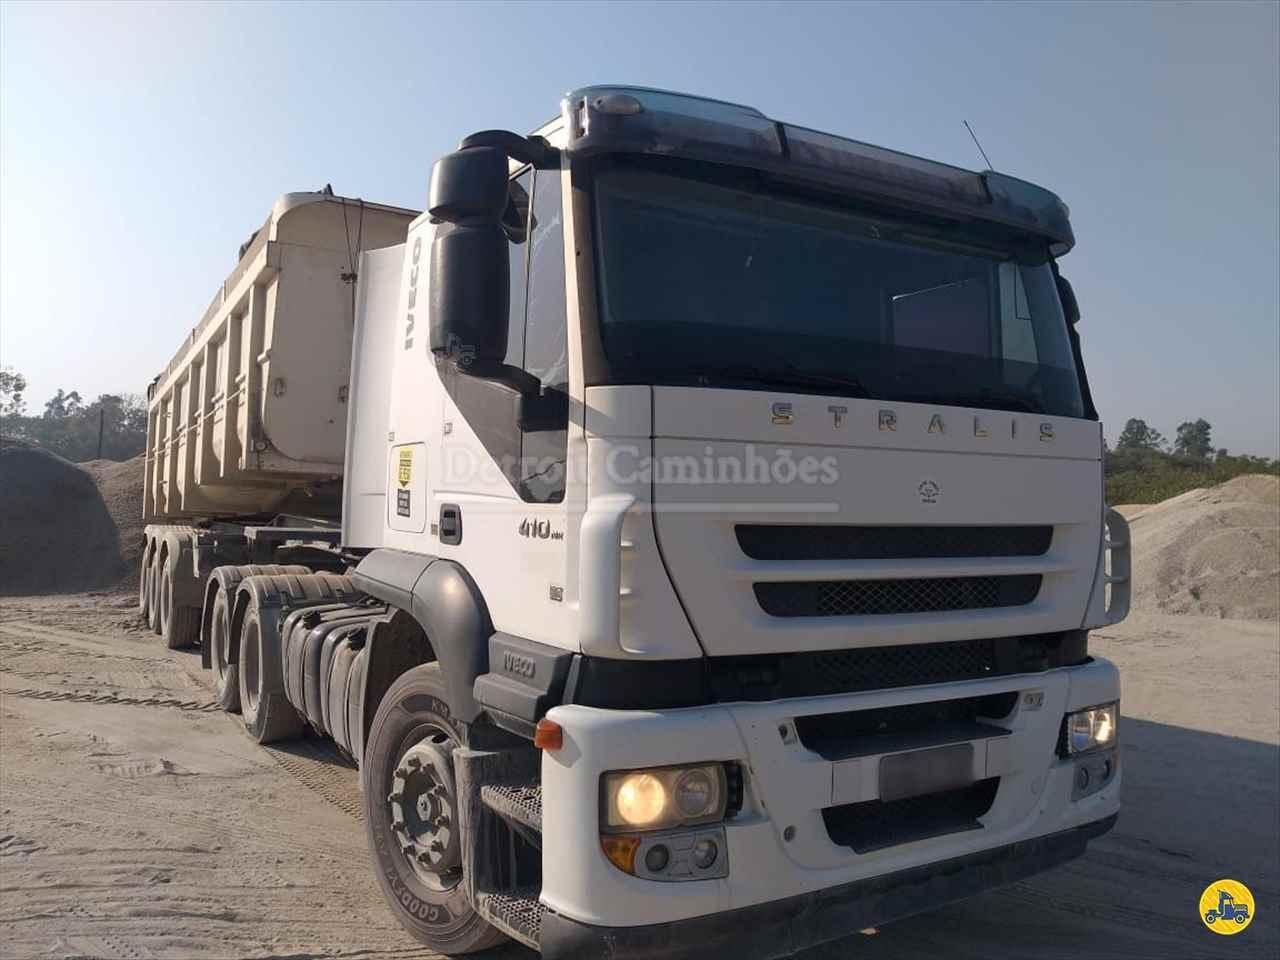 CAMINHAO IVECO STRALIS 410 Cavalo Mecânico Truck 6x2 Detroit Caminhões SAO JOSE DOS CAMPOS SÃO PAULO SP